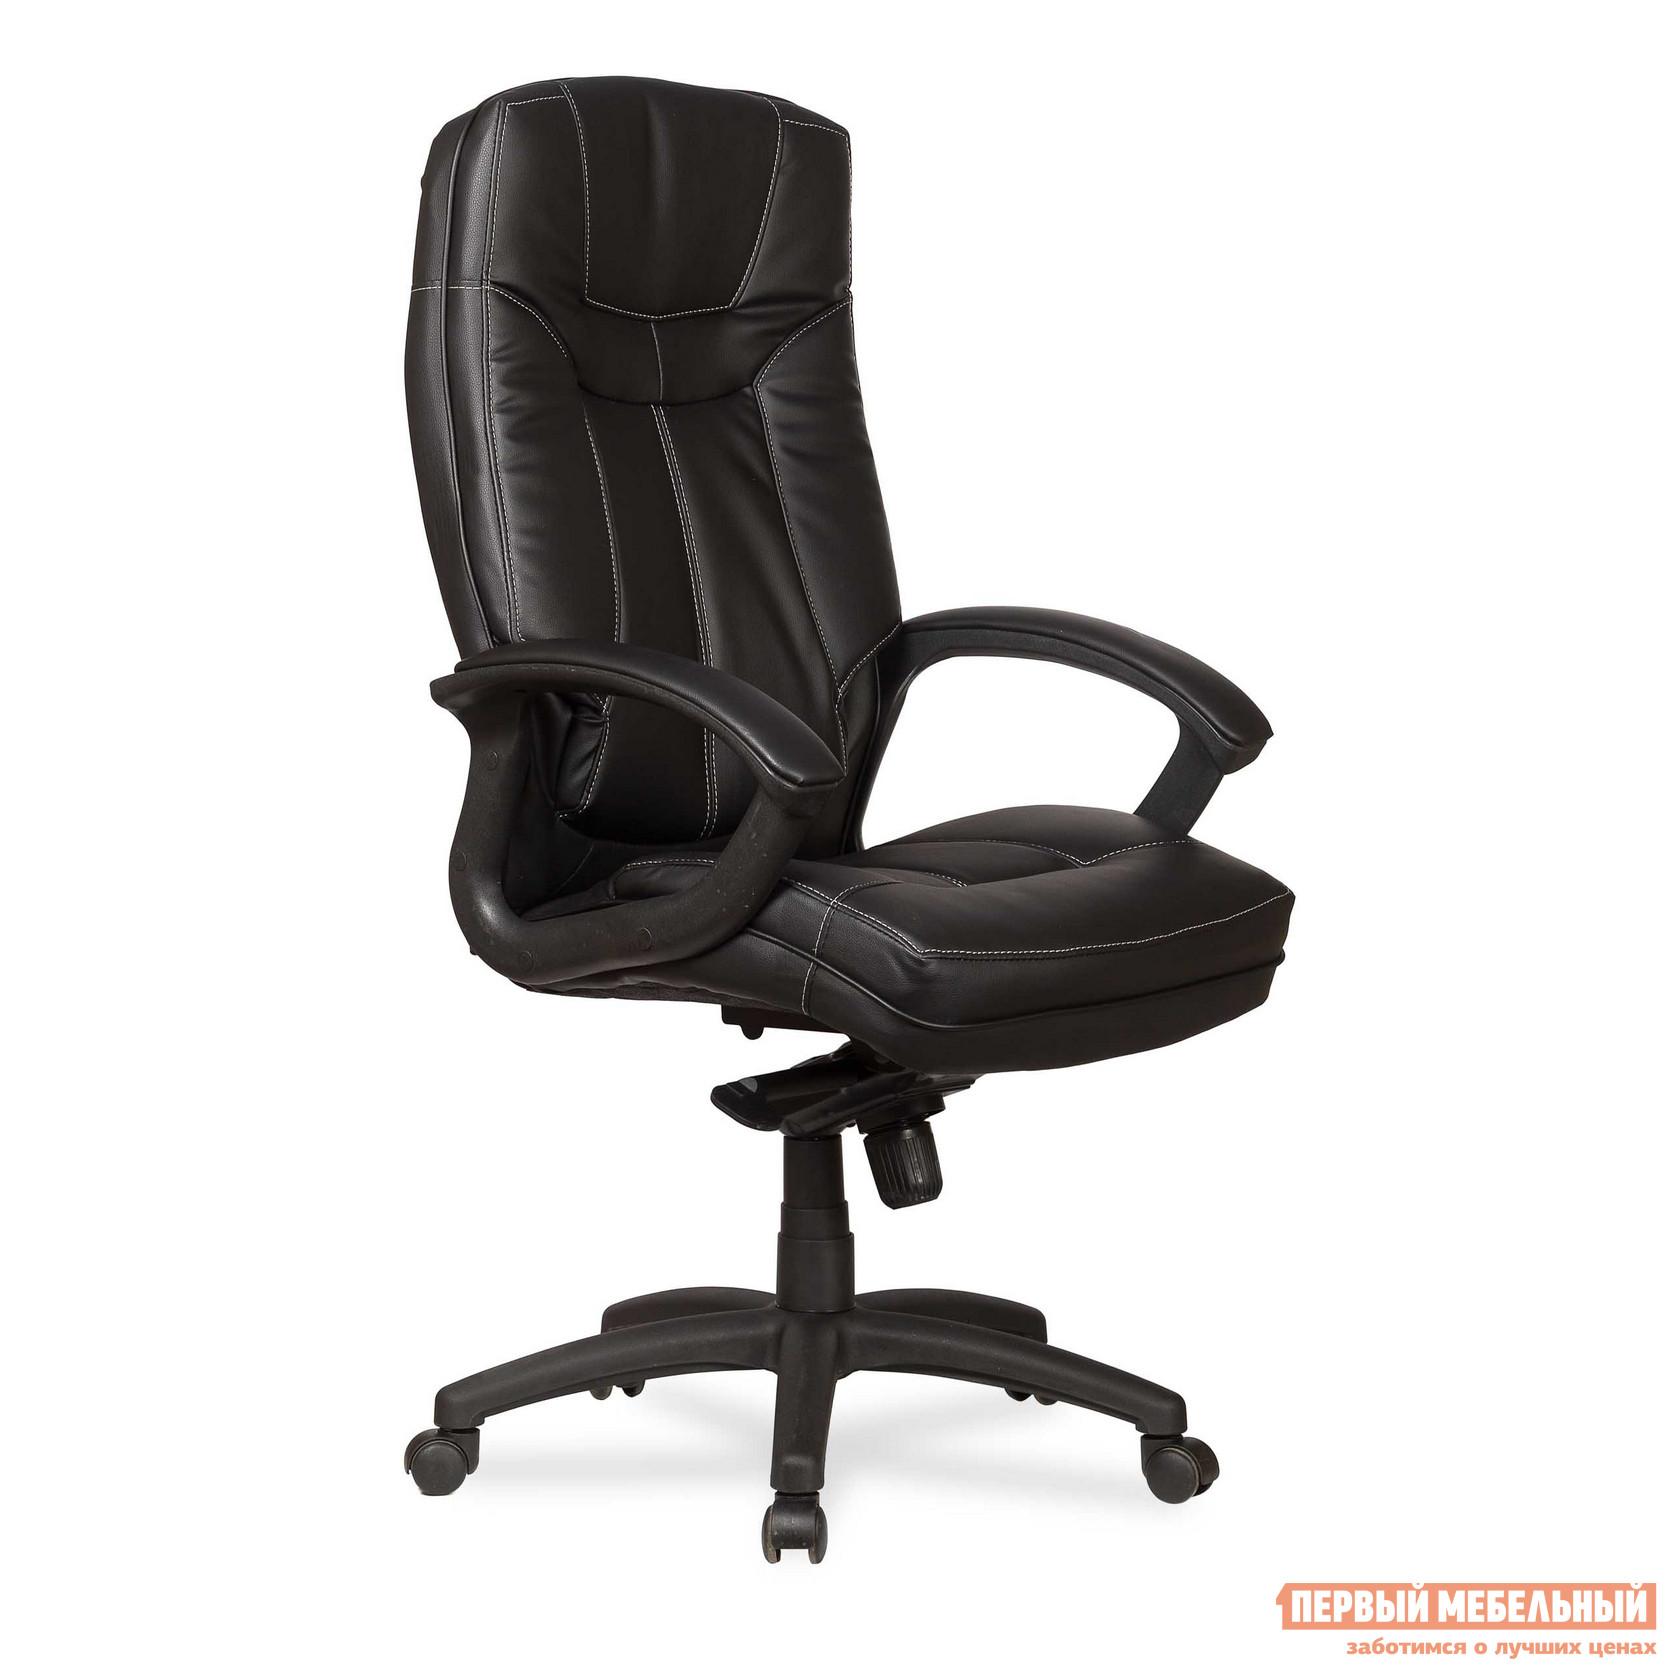 Кресло руководителя College Кресло BX-3671/Black кресло руководителя college bx 3001 1 экокожа коричневый